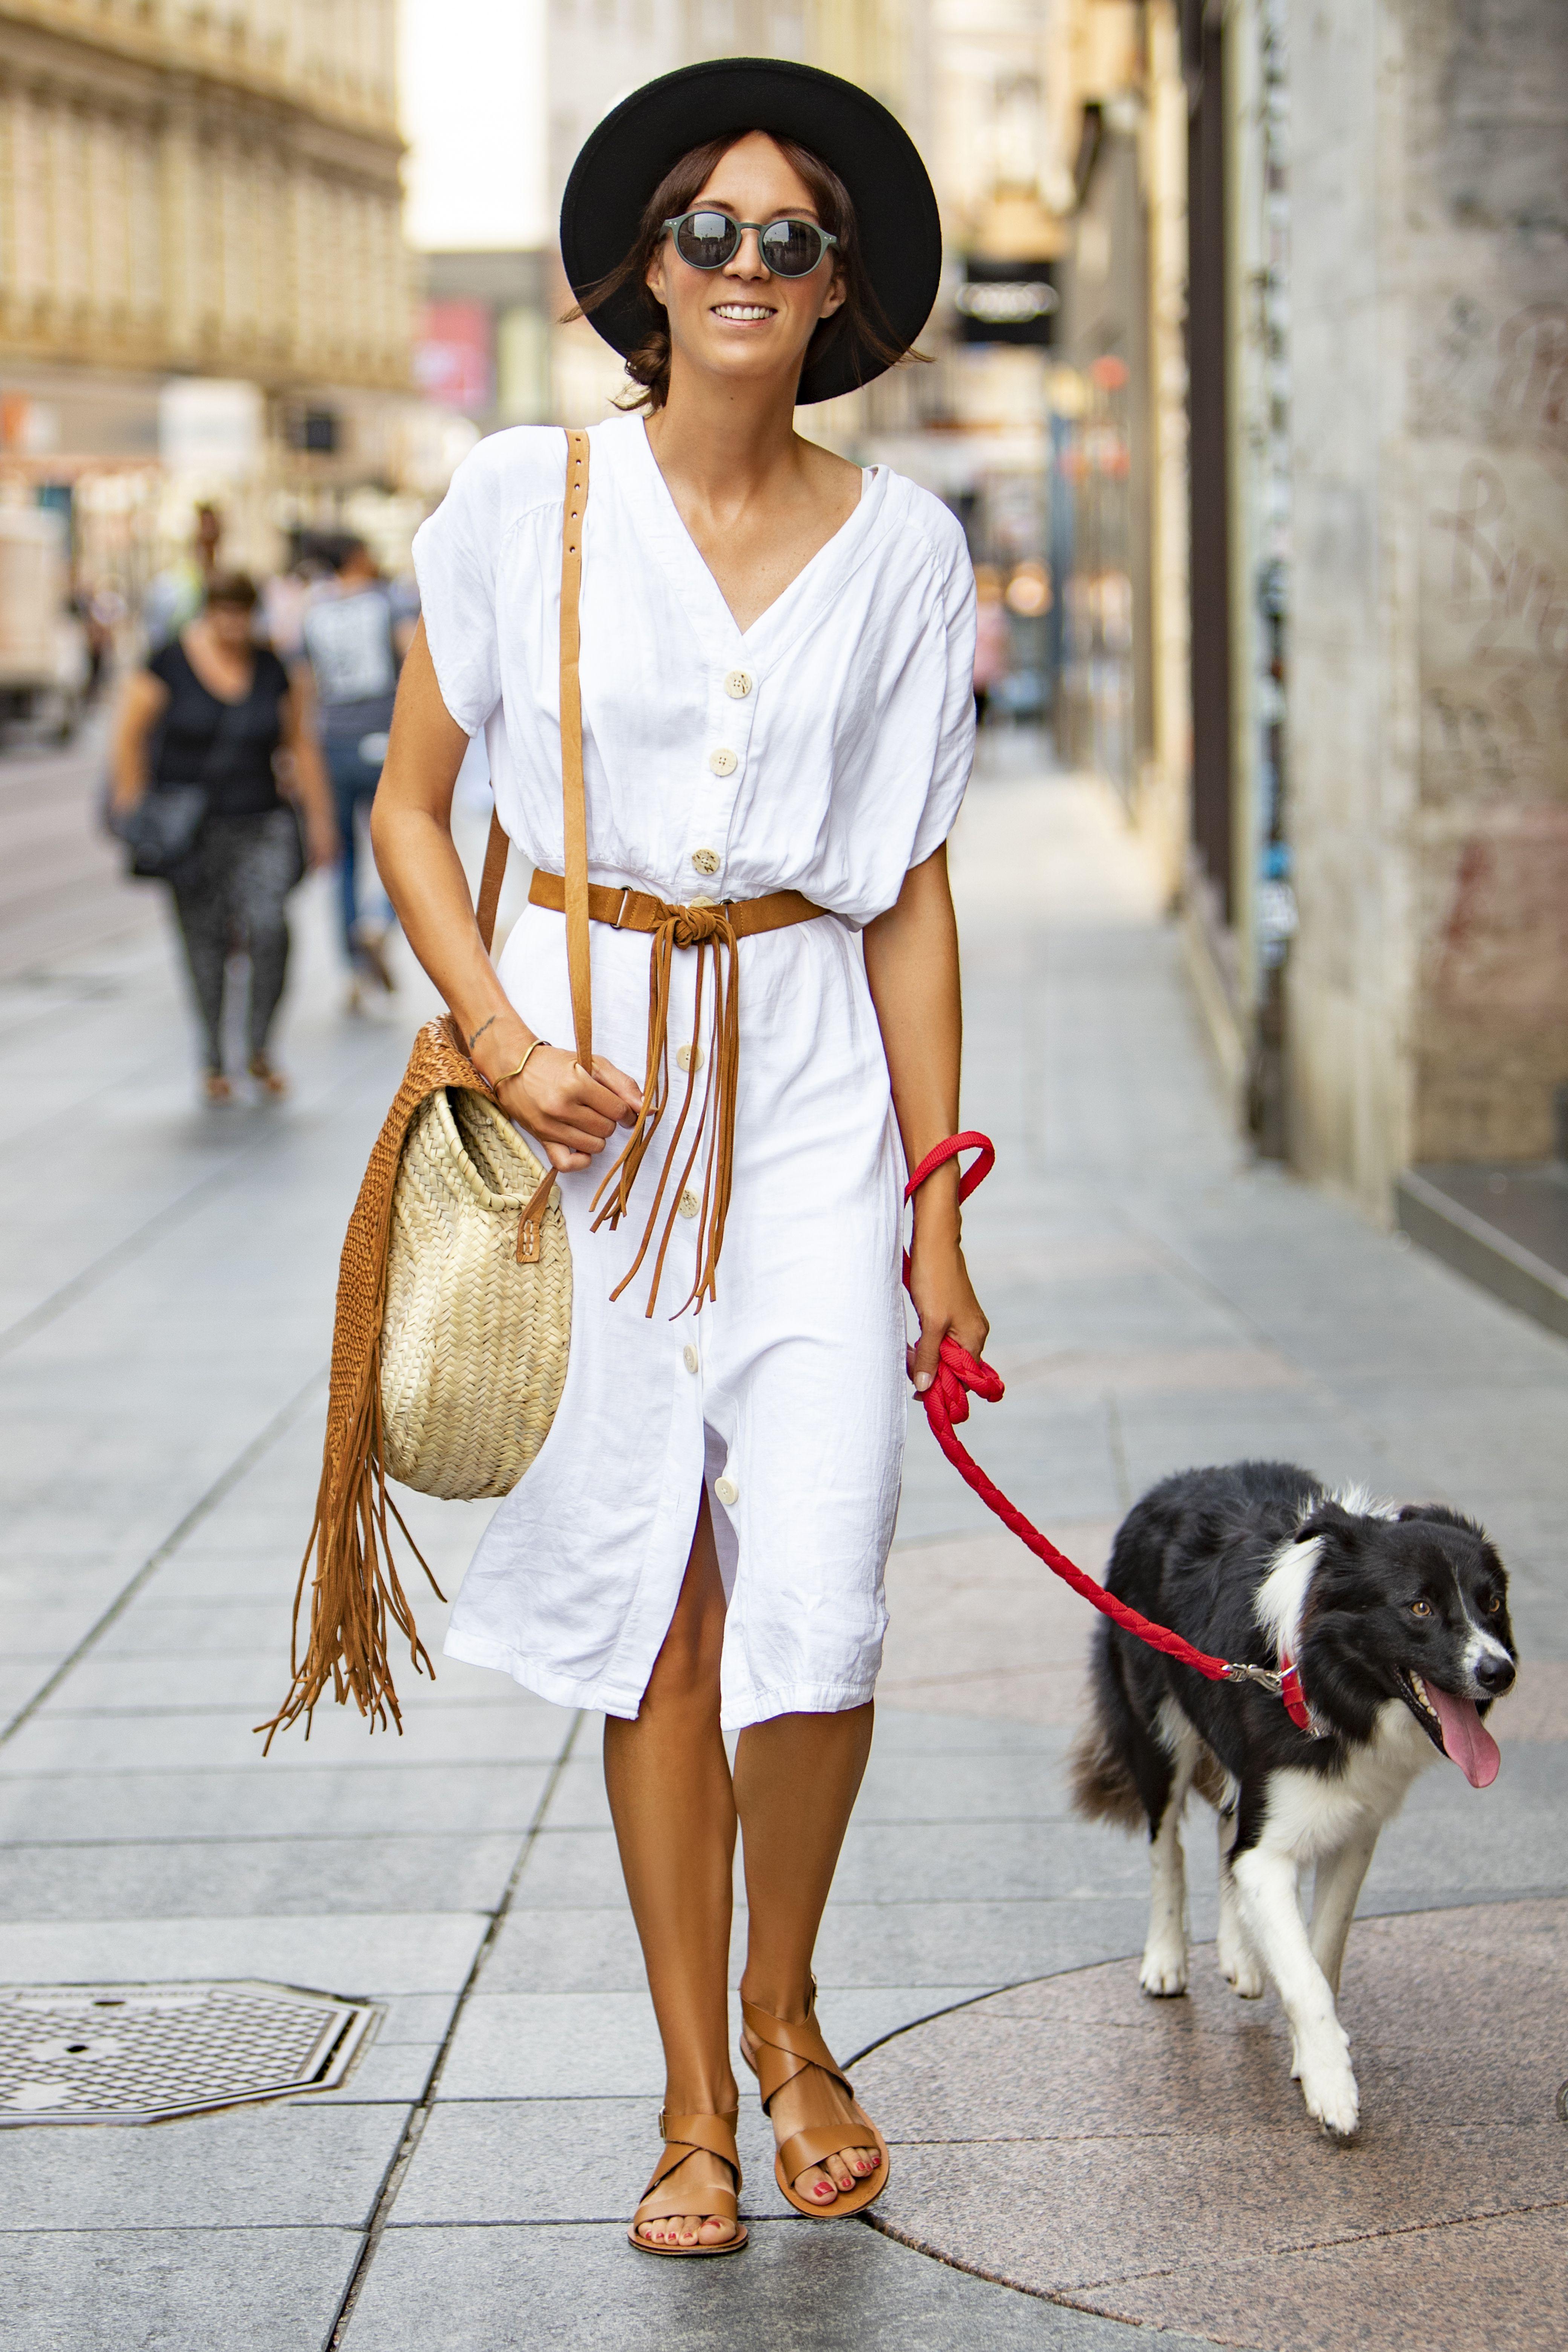 Stylish djevojka i njen psić: Ovaj dvojac nije mogao proći nezamijećeno